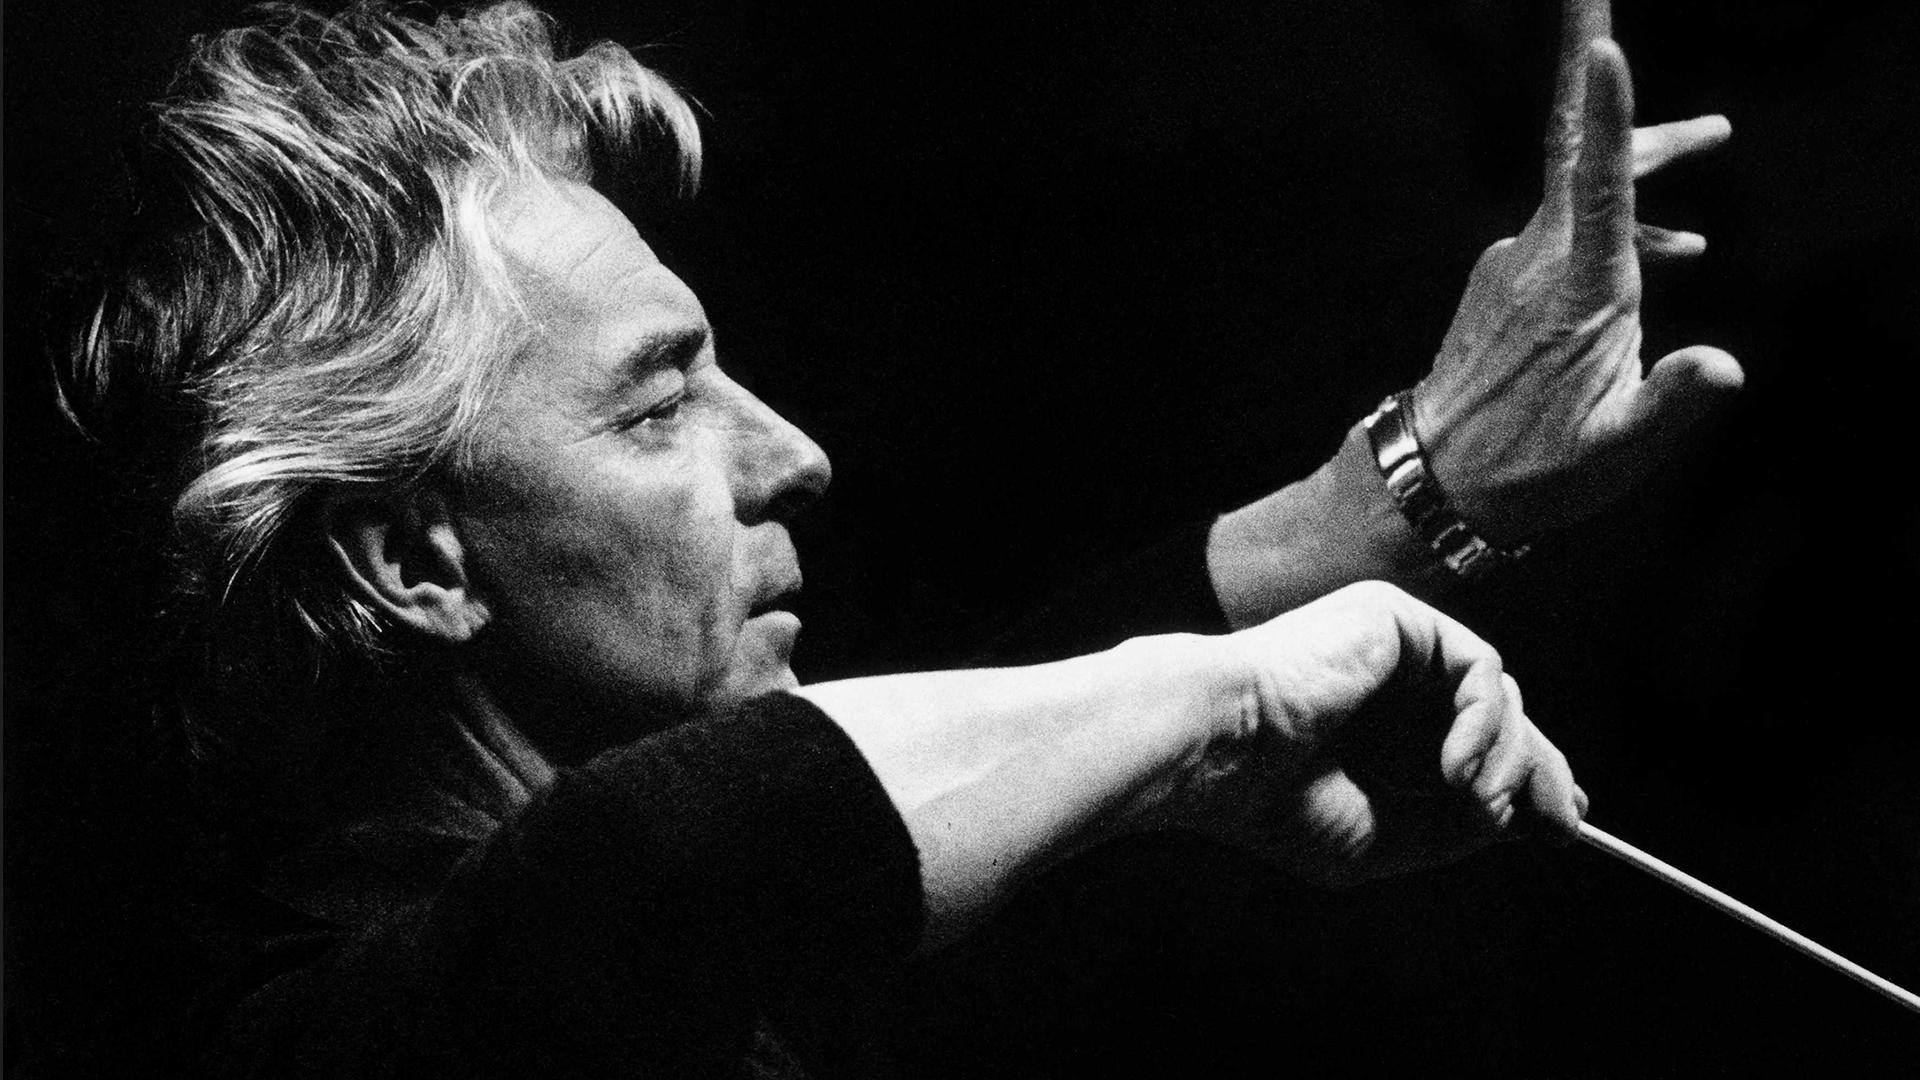 Herbert von Karajan dirige la Symphonie n°2 de Brahms